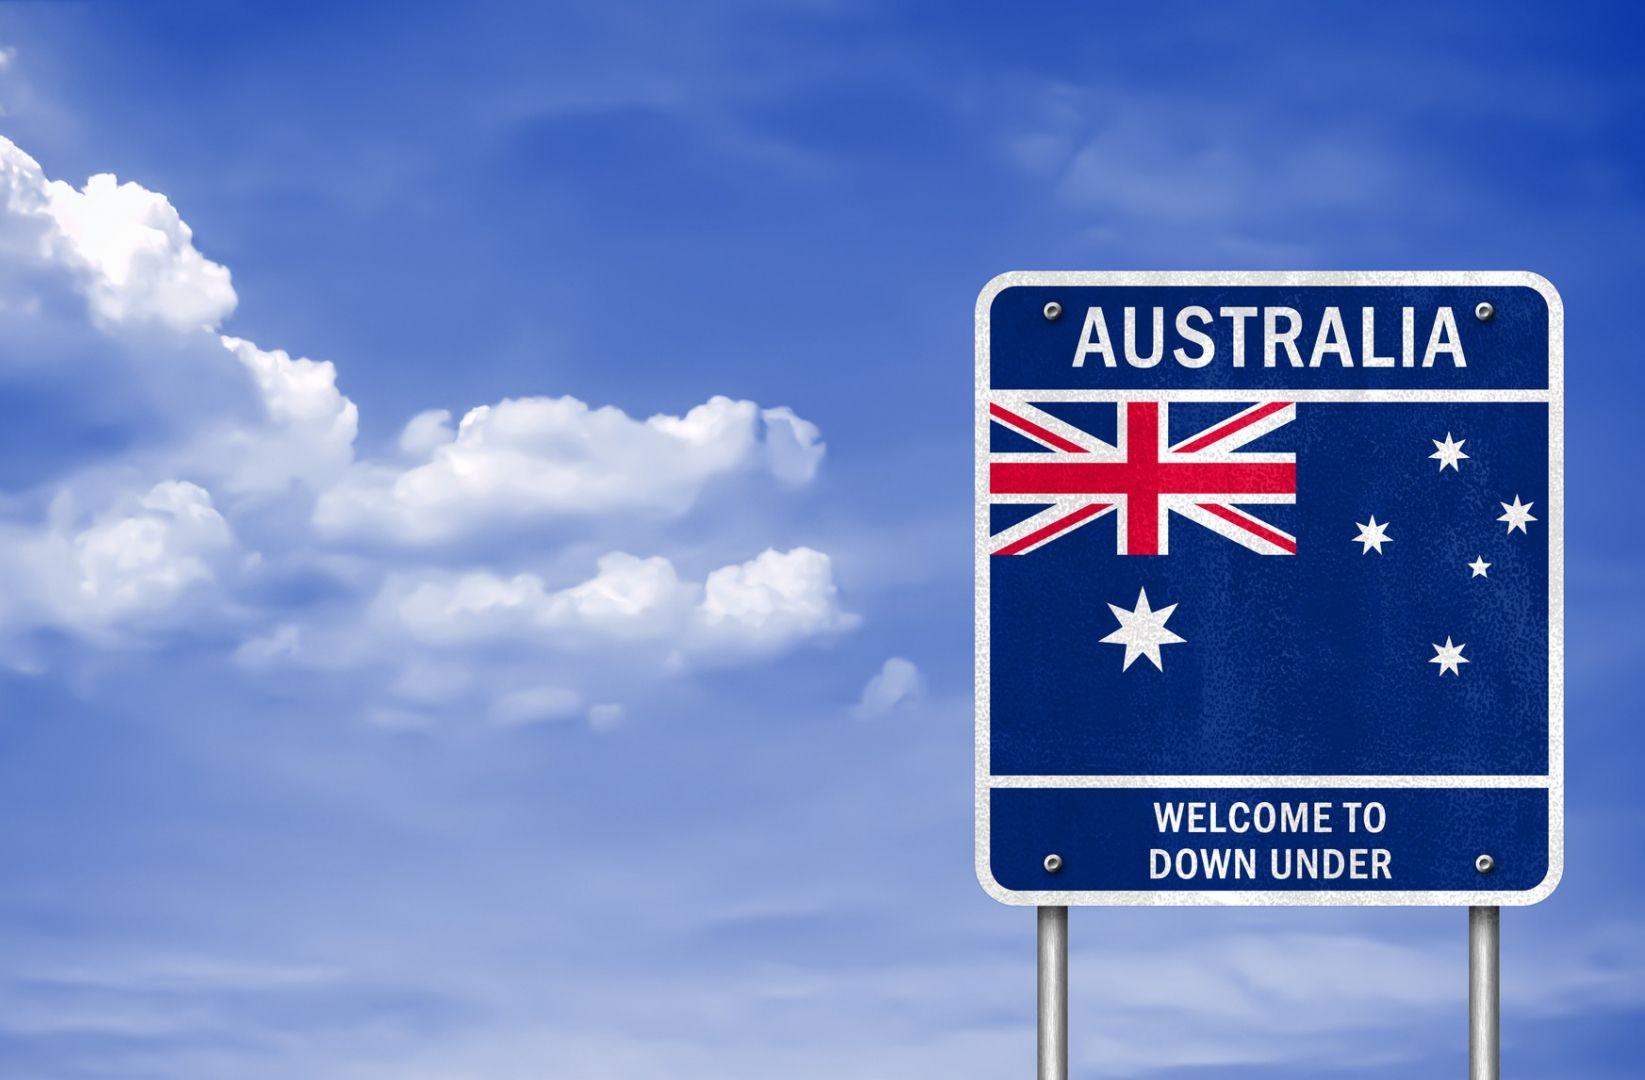 澳大利亚留学优势【2020五大优势】